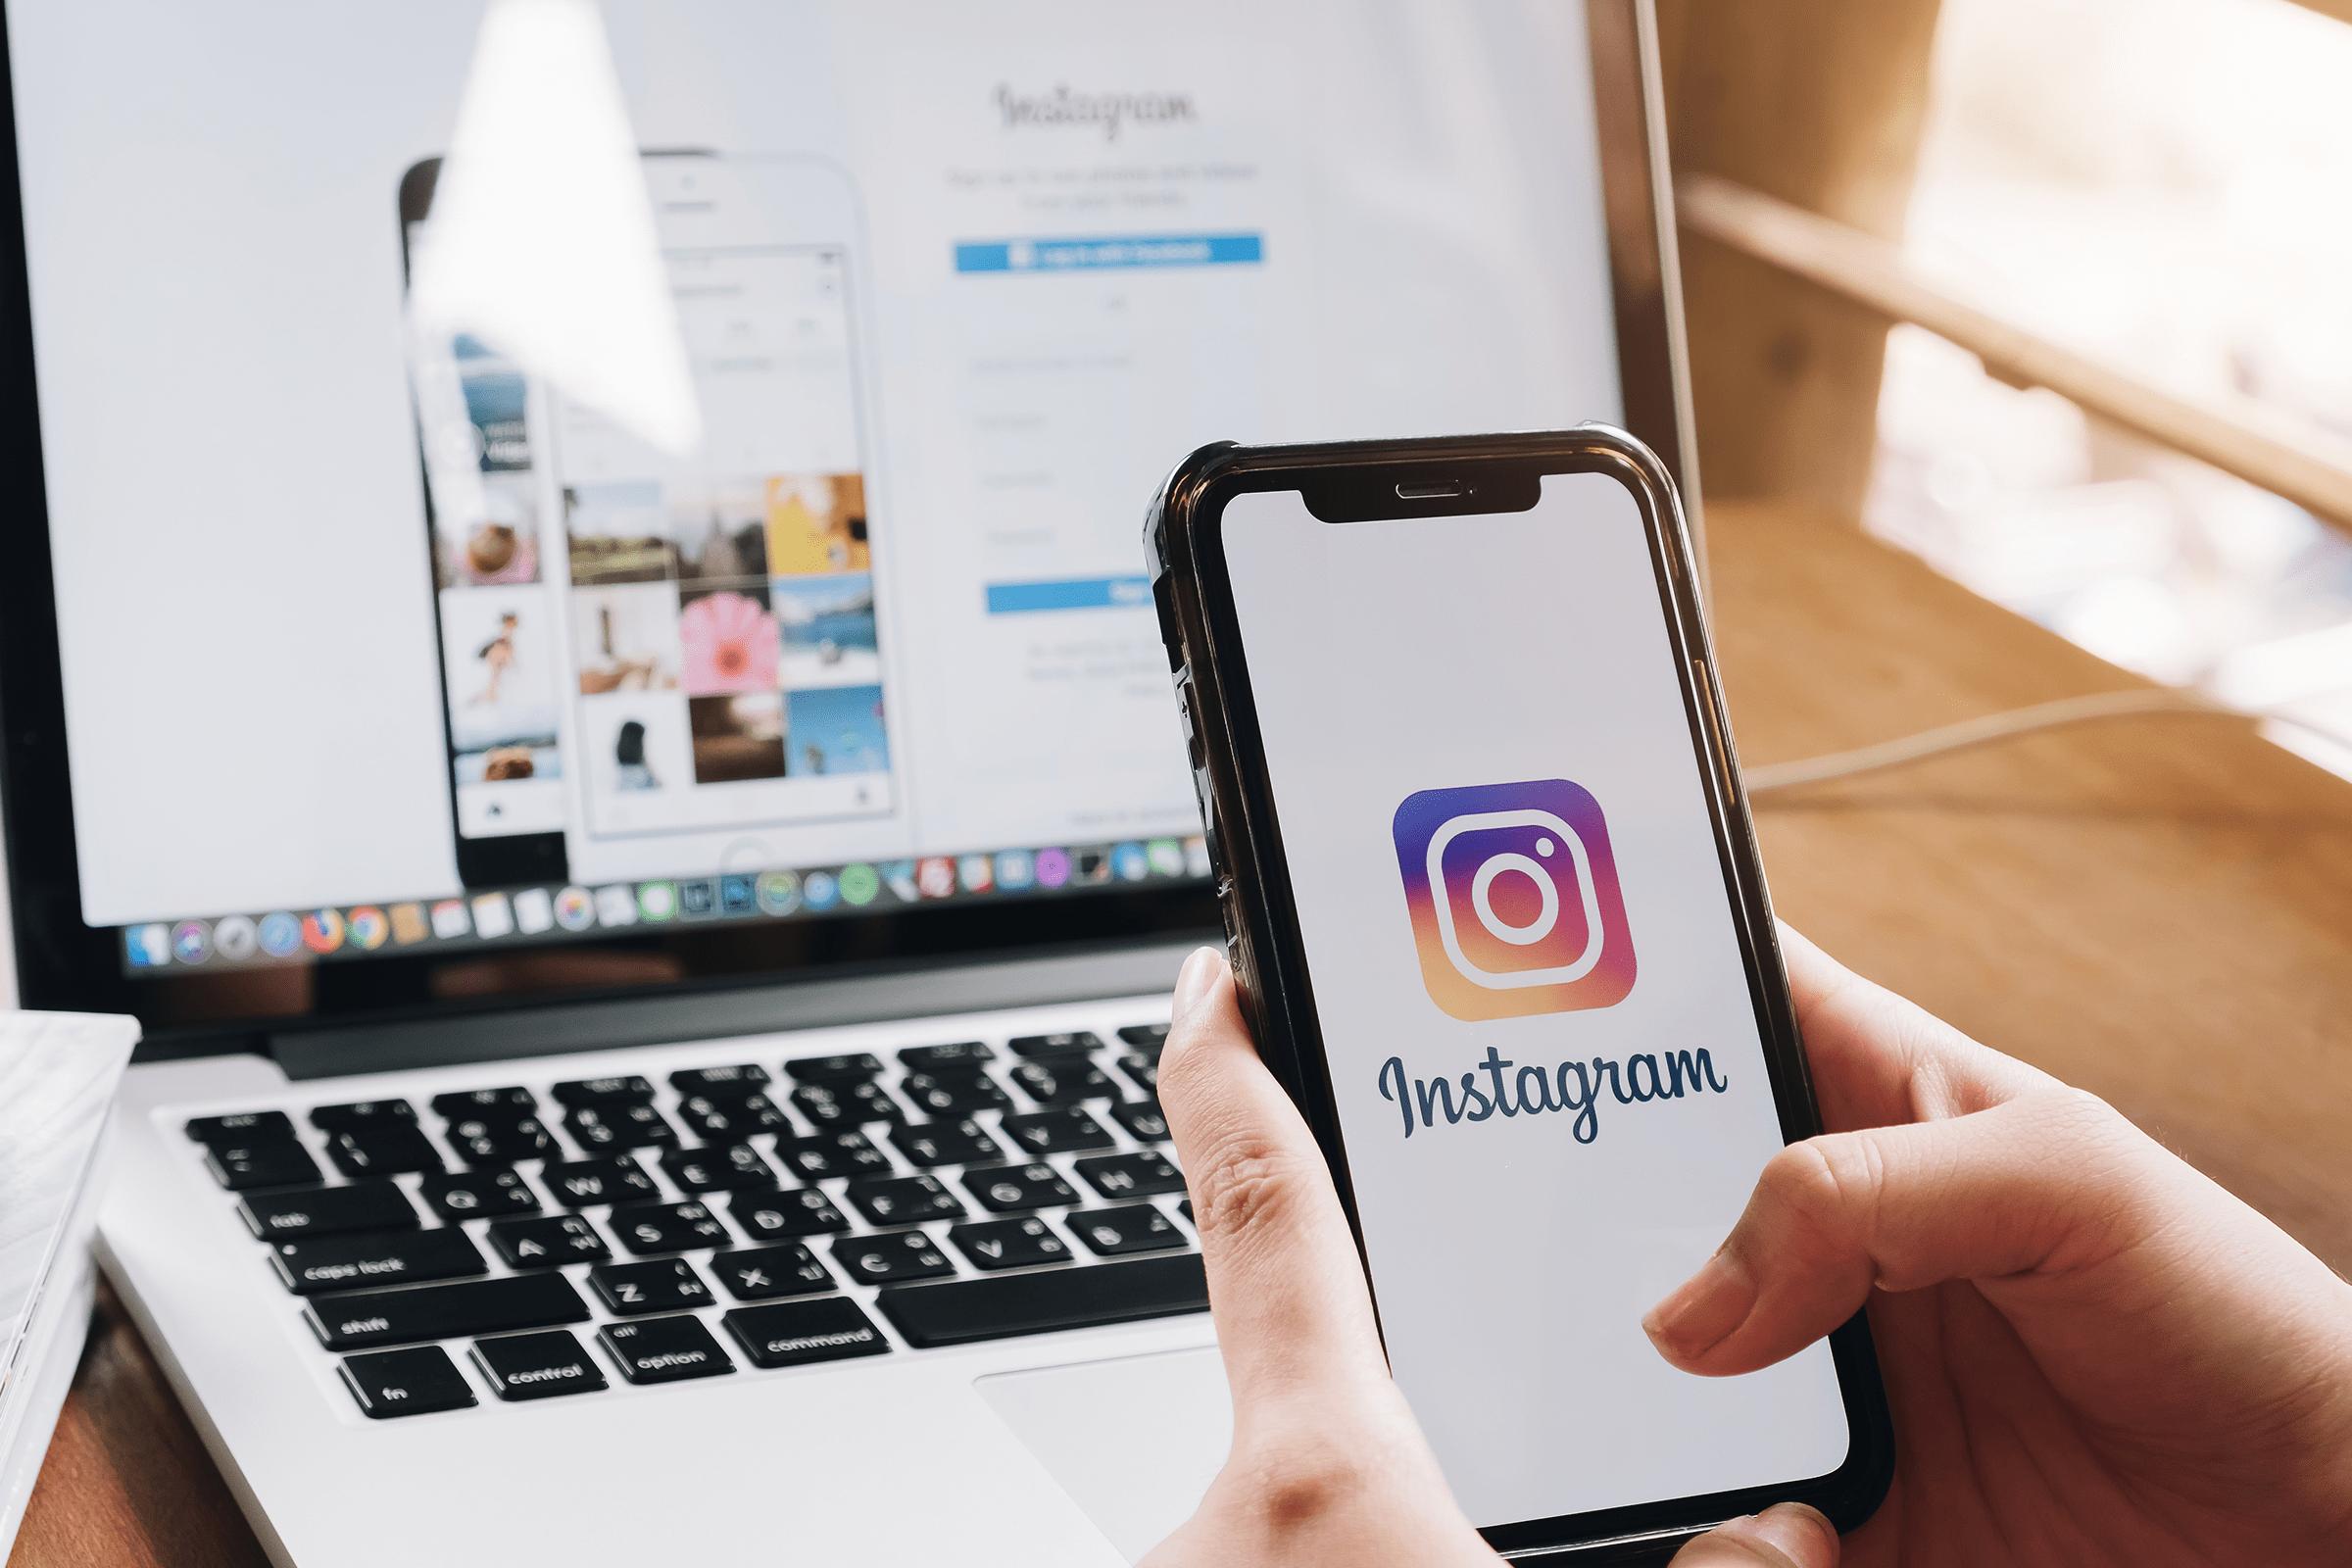 Sosyal medya profil fotoğrafı oluştururken sık sorularn sorular